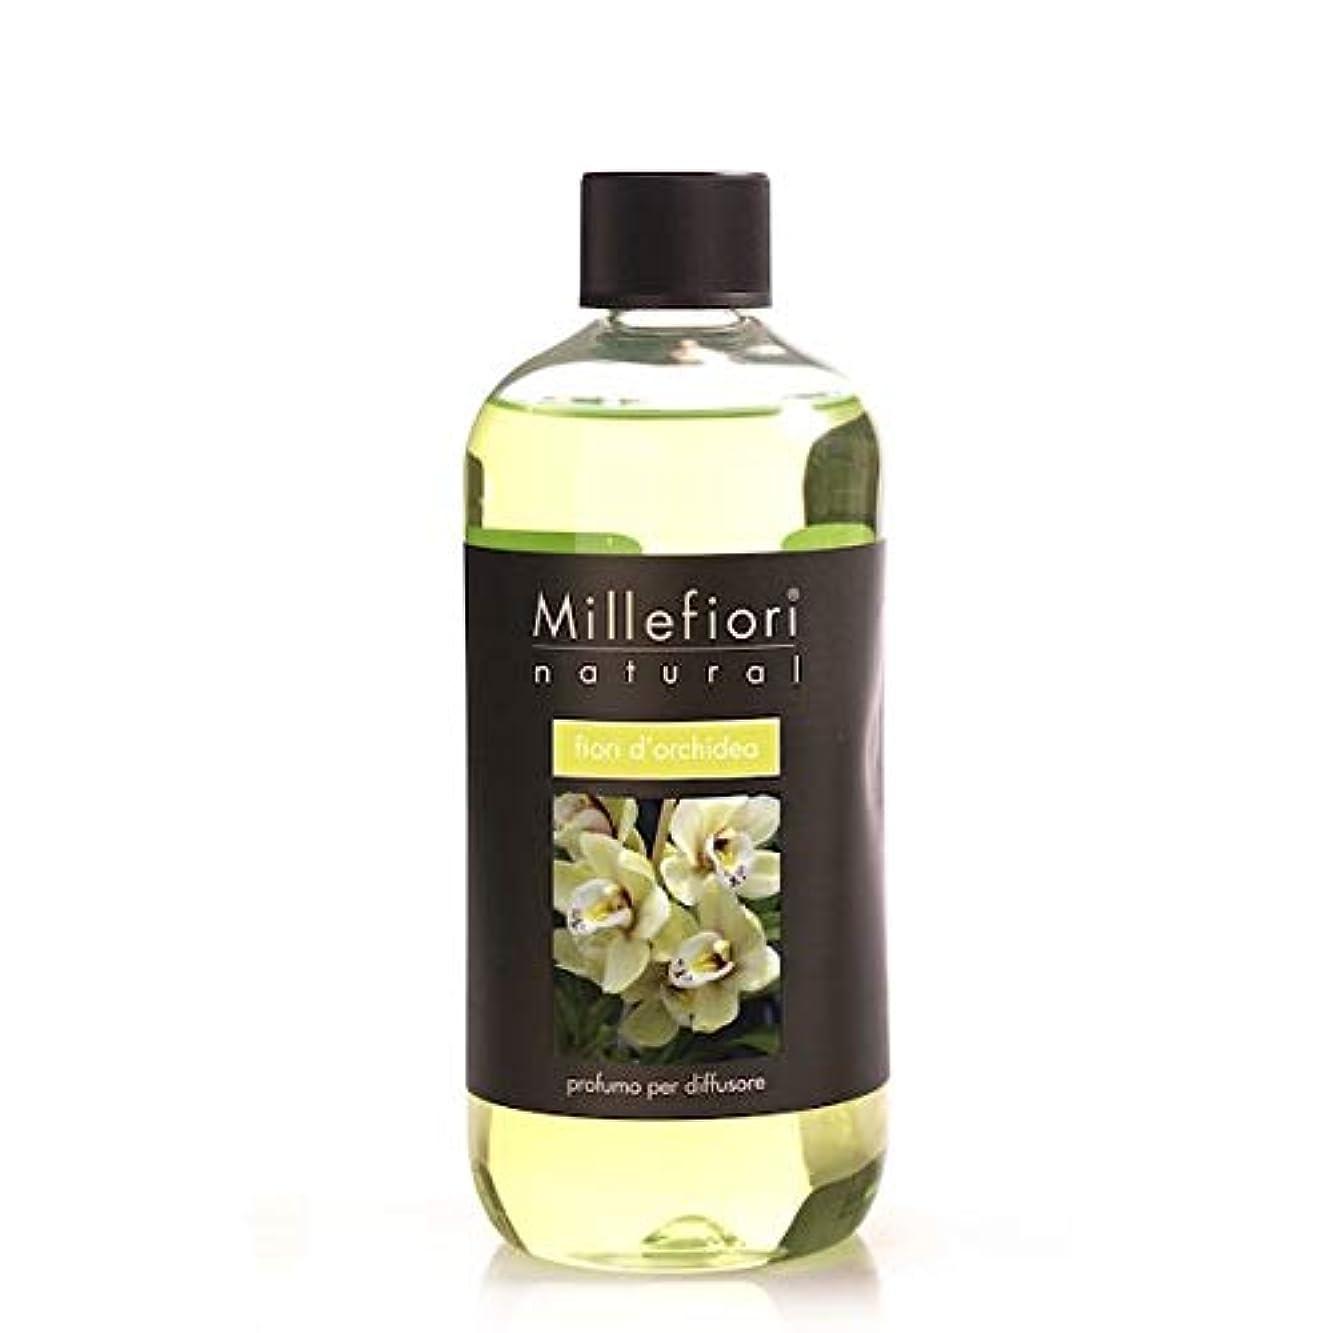 鉛牧草地パトロールミッレフィオーリ(Millefiori) Natural オーキッド(FIORI DI ORCHIDEA) 交換用リフィル500ml [並行輸入品]